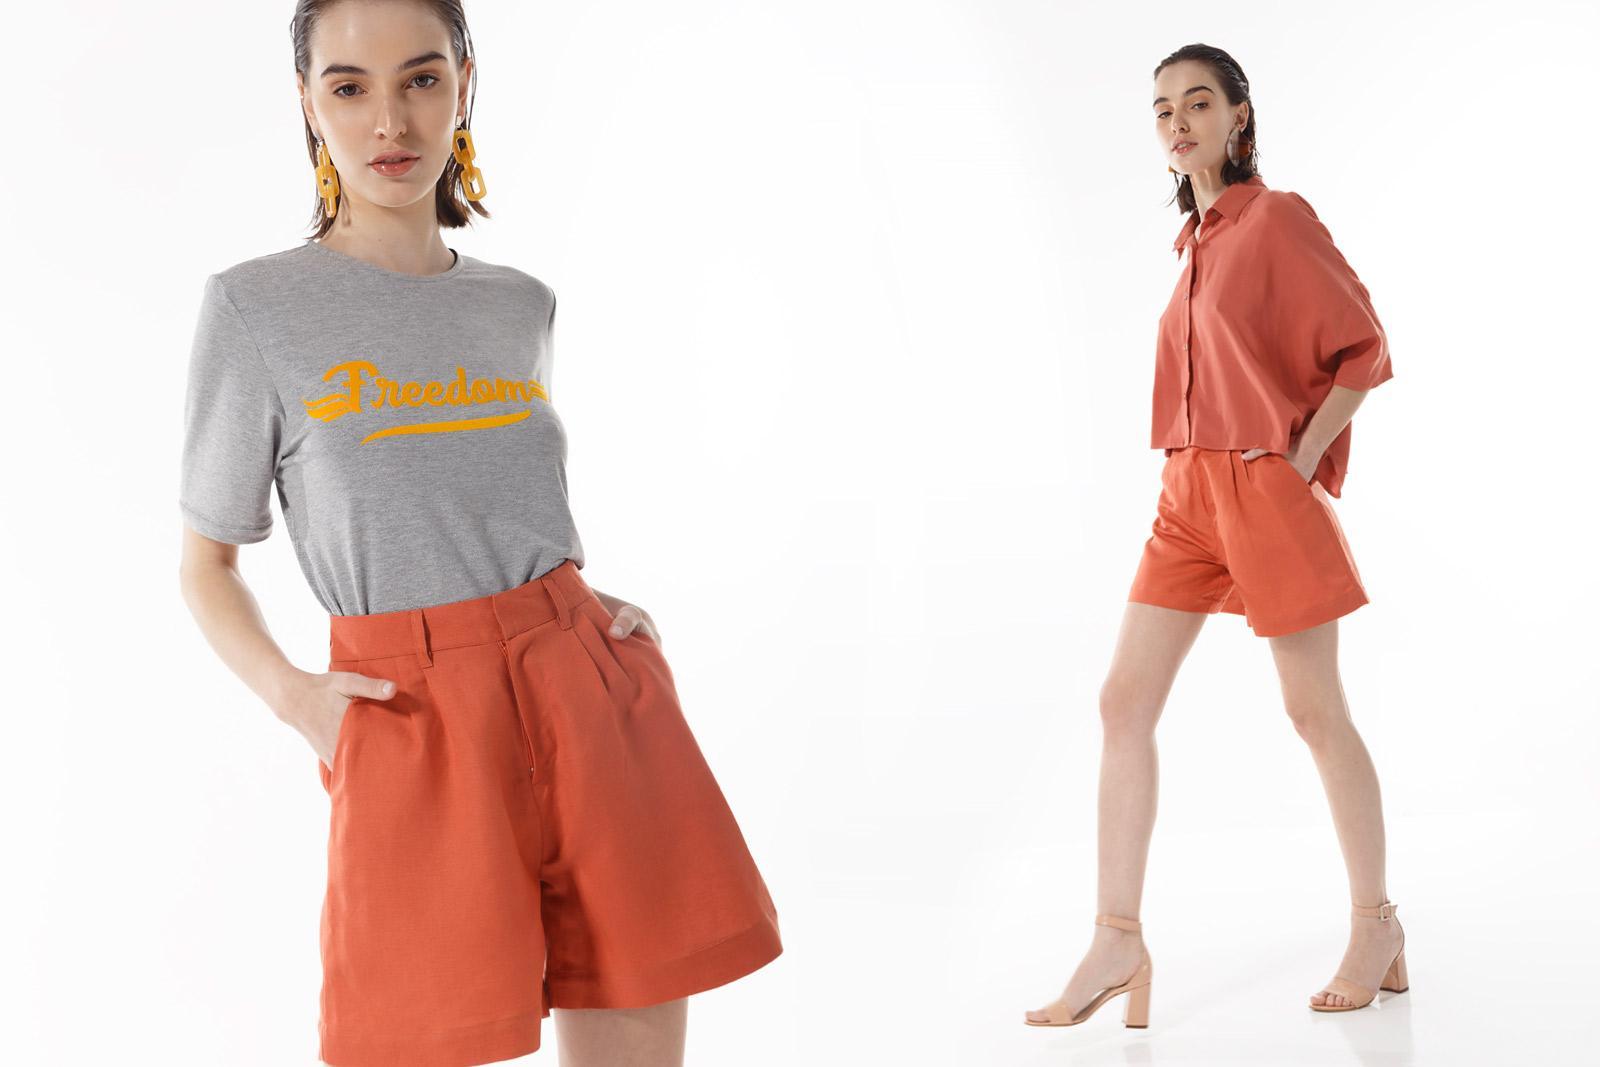 Ropa de mujer 2020. Ropa casual urbana verano 2020 shorts, camisas, vestidos casuales 2020.